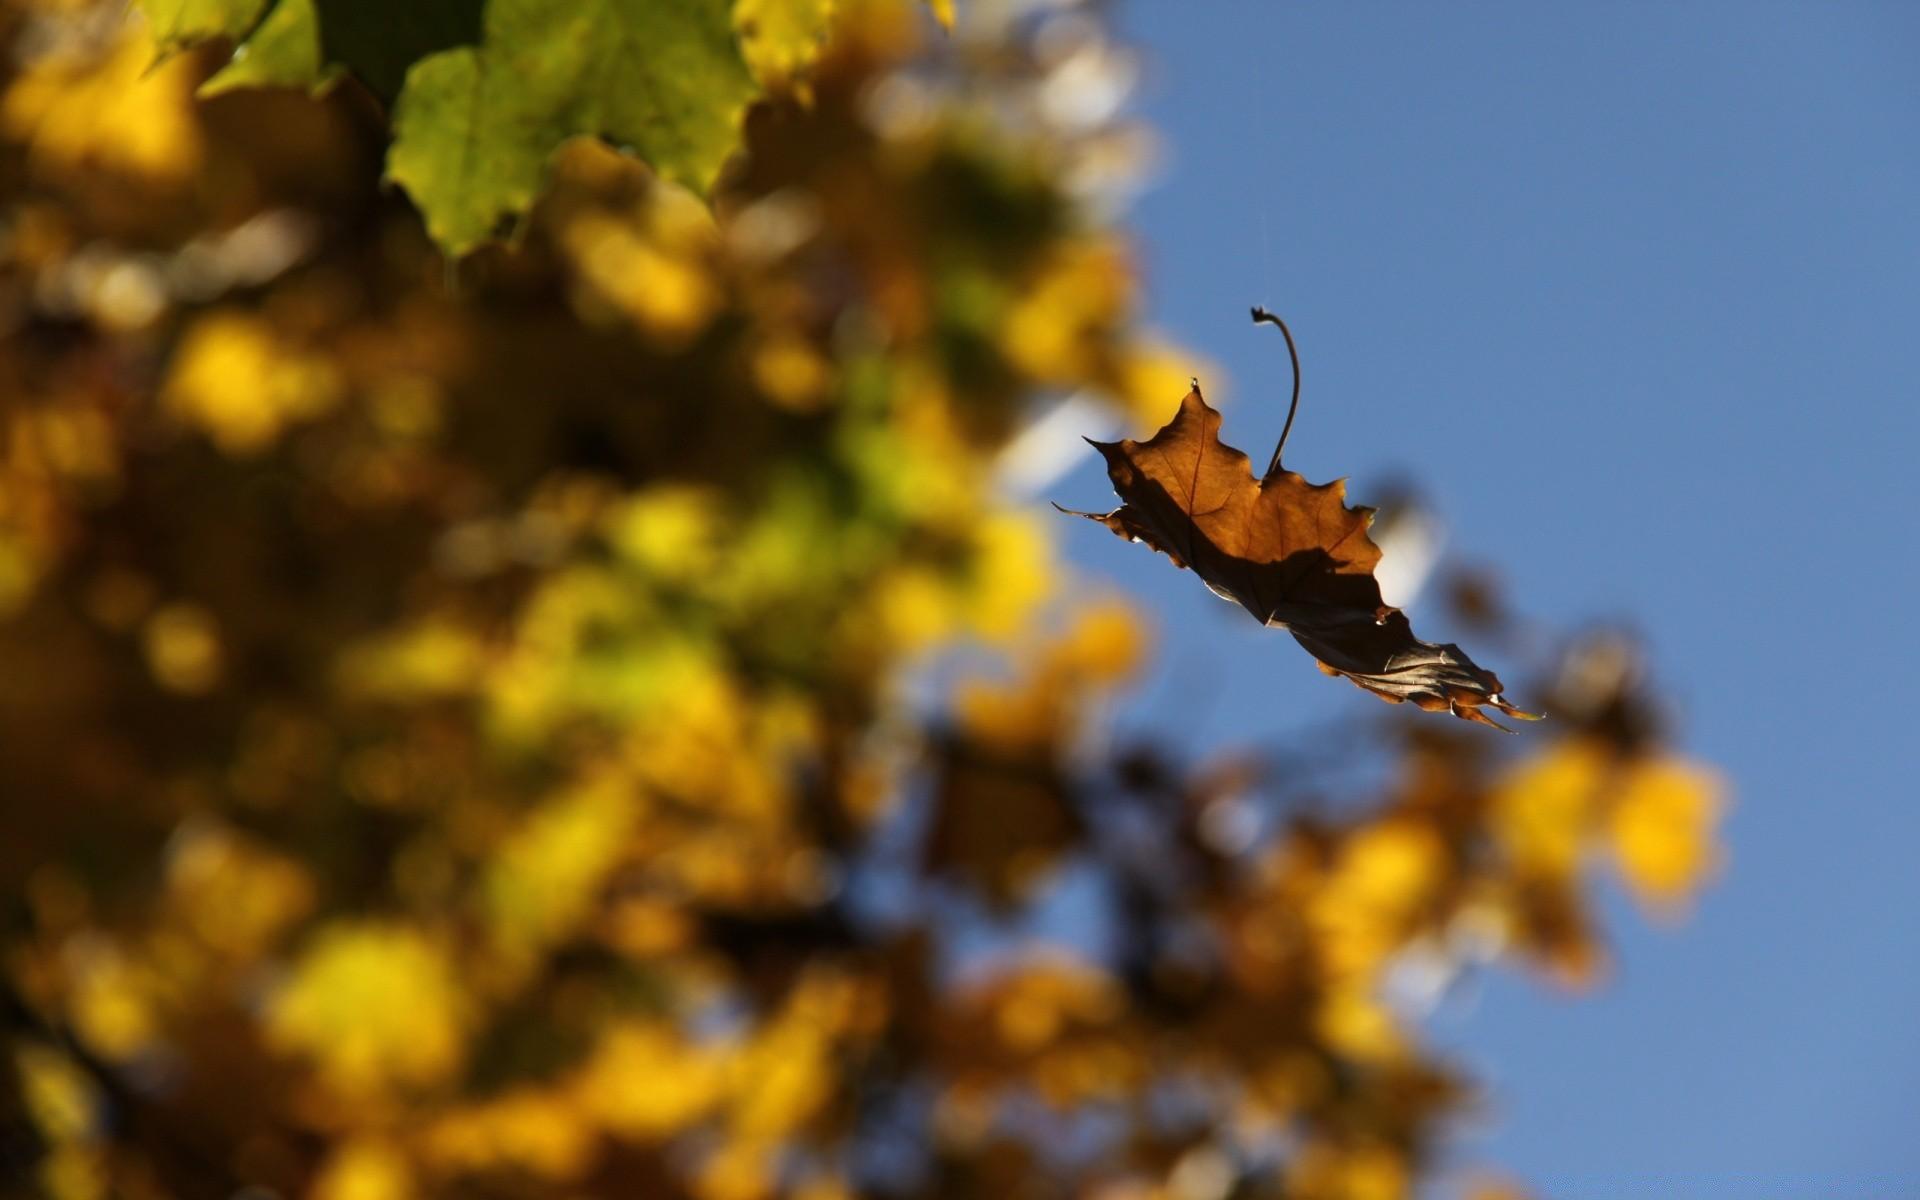 миллионов, одна картинки падающий осенний лист был разработан